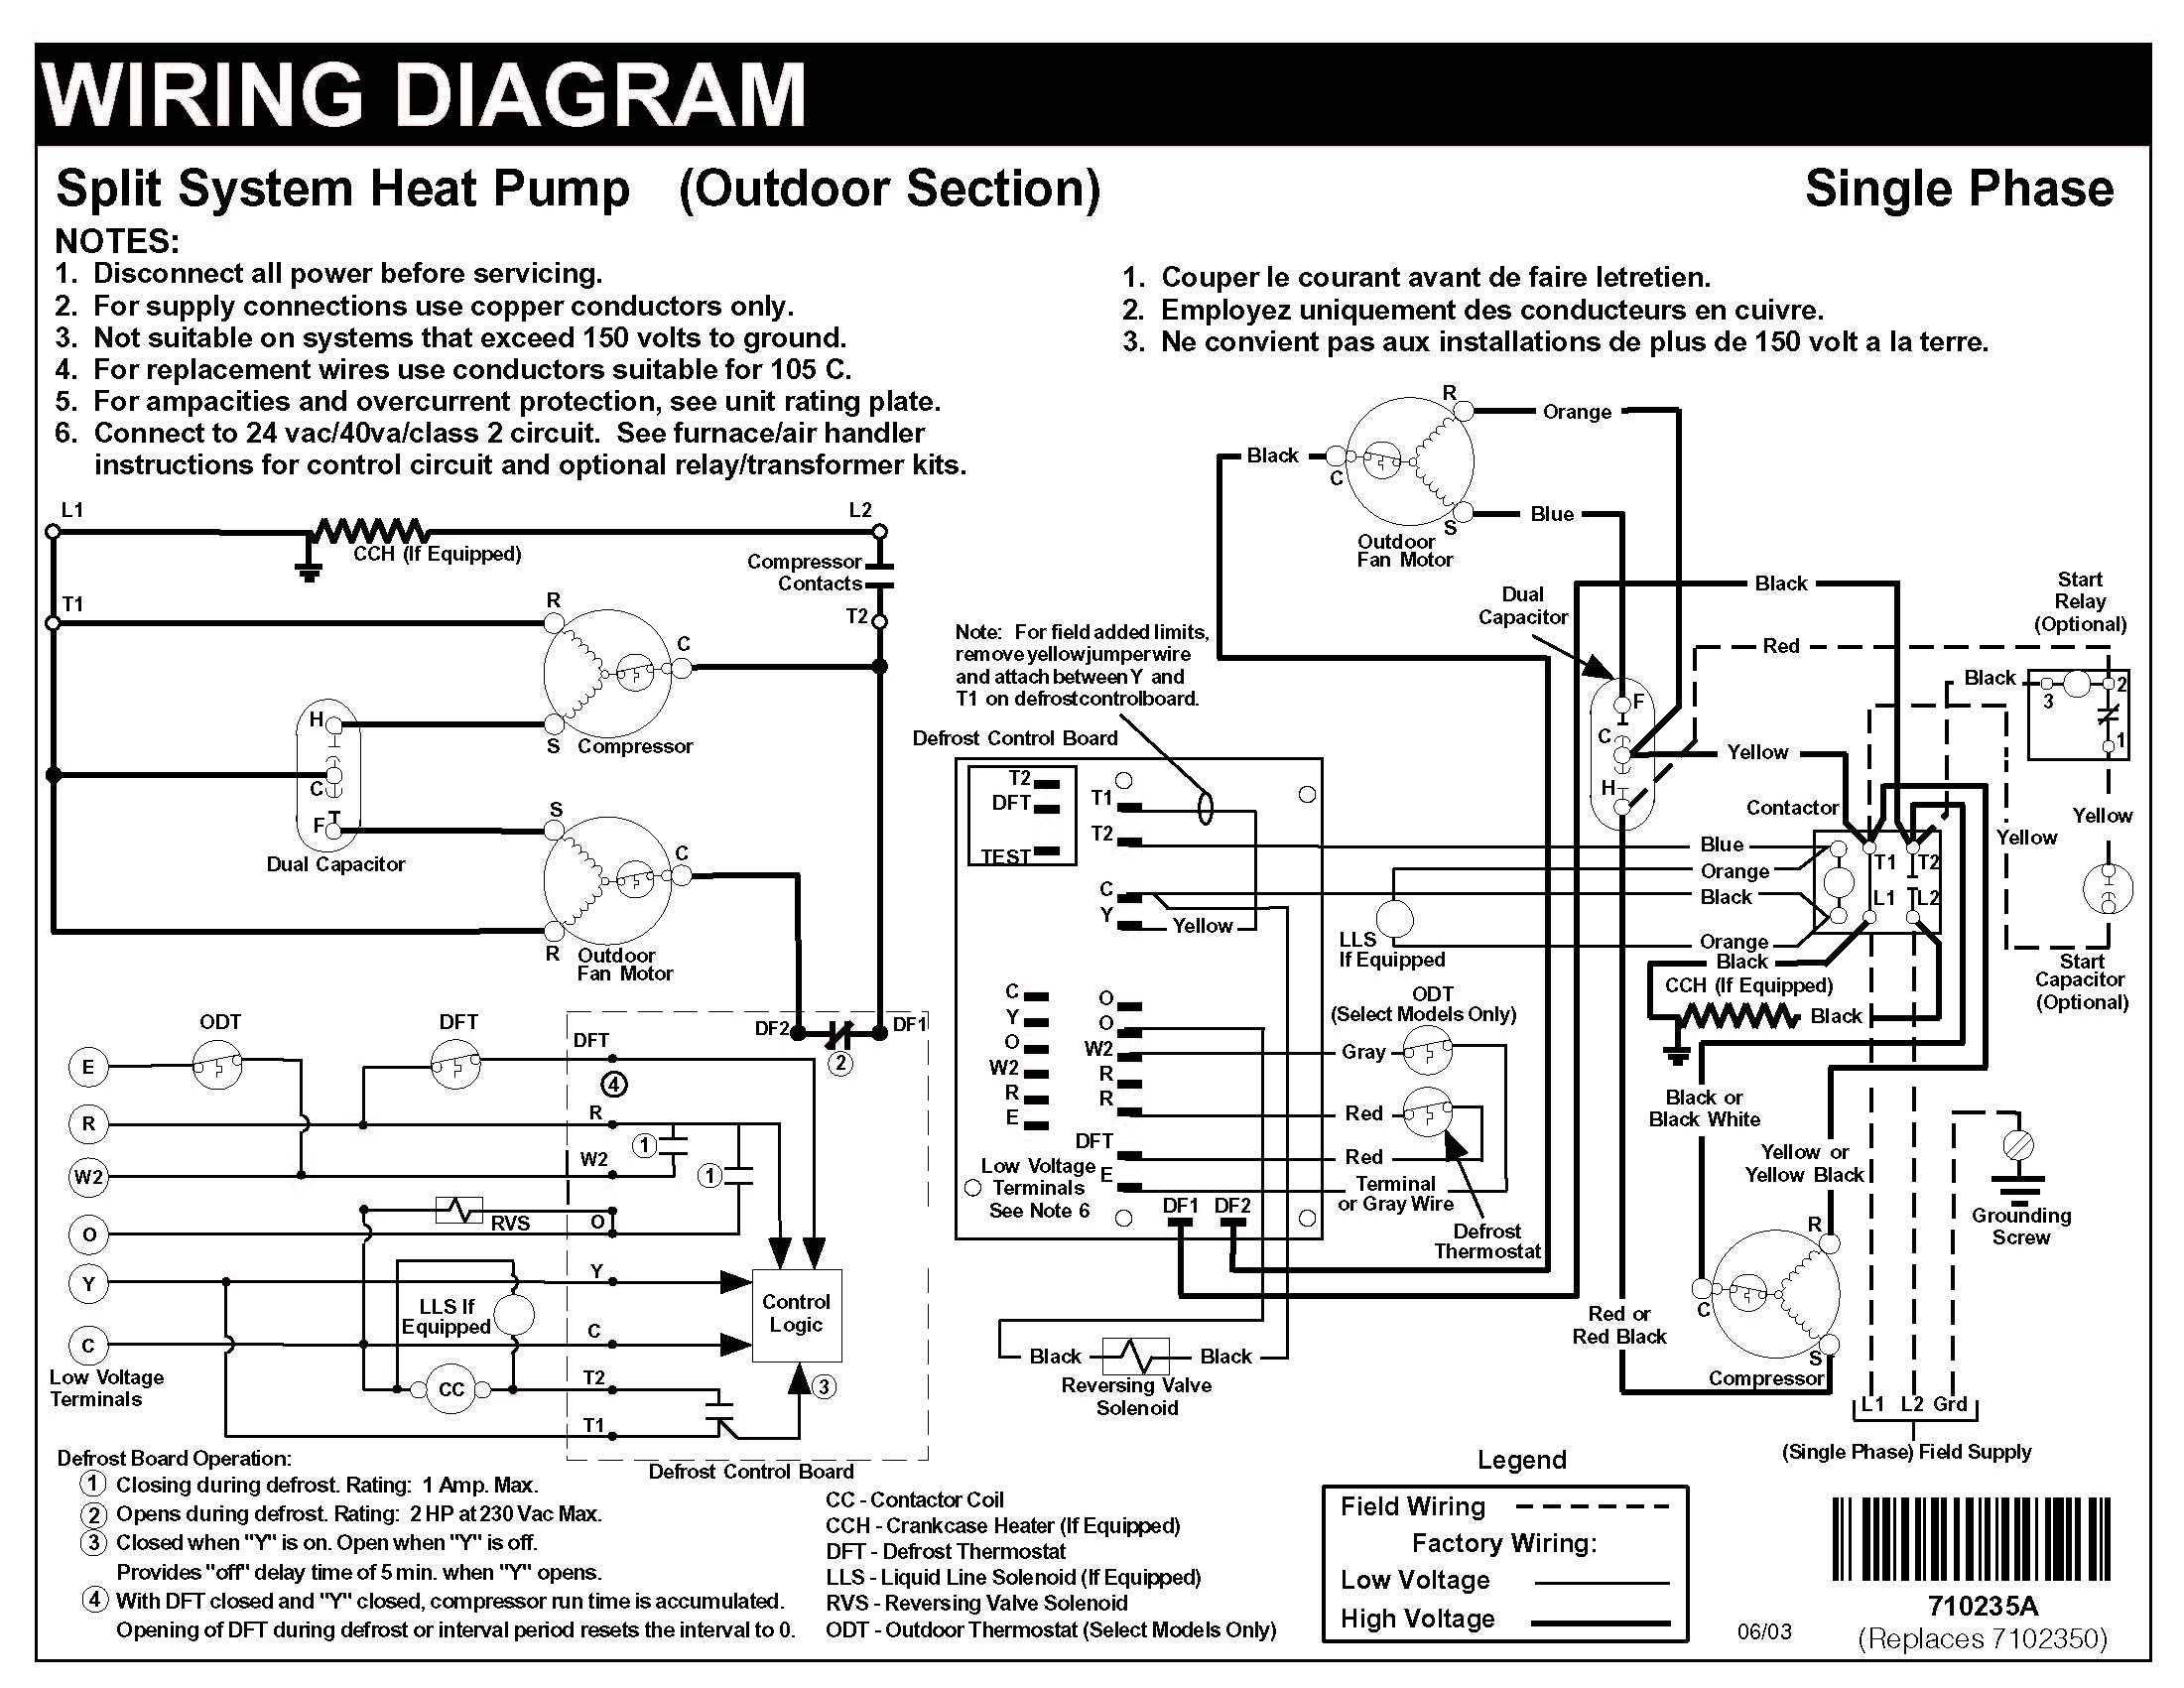 Trane Xl 1200 Heat Pump Wiring Diagrams - Motorcycle Air Ride Wiring Diagram  - subaruoutback.yenpancane.jeanjaures37.fr | Hvac Wiring Diagram For Trane 1200 Xl |  | Wiring Diagram Resource